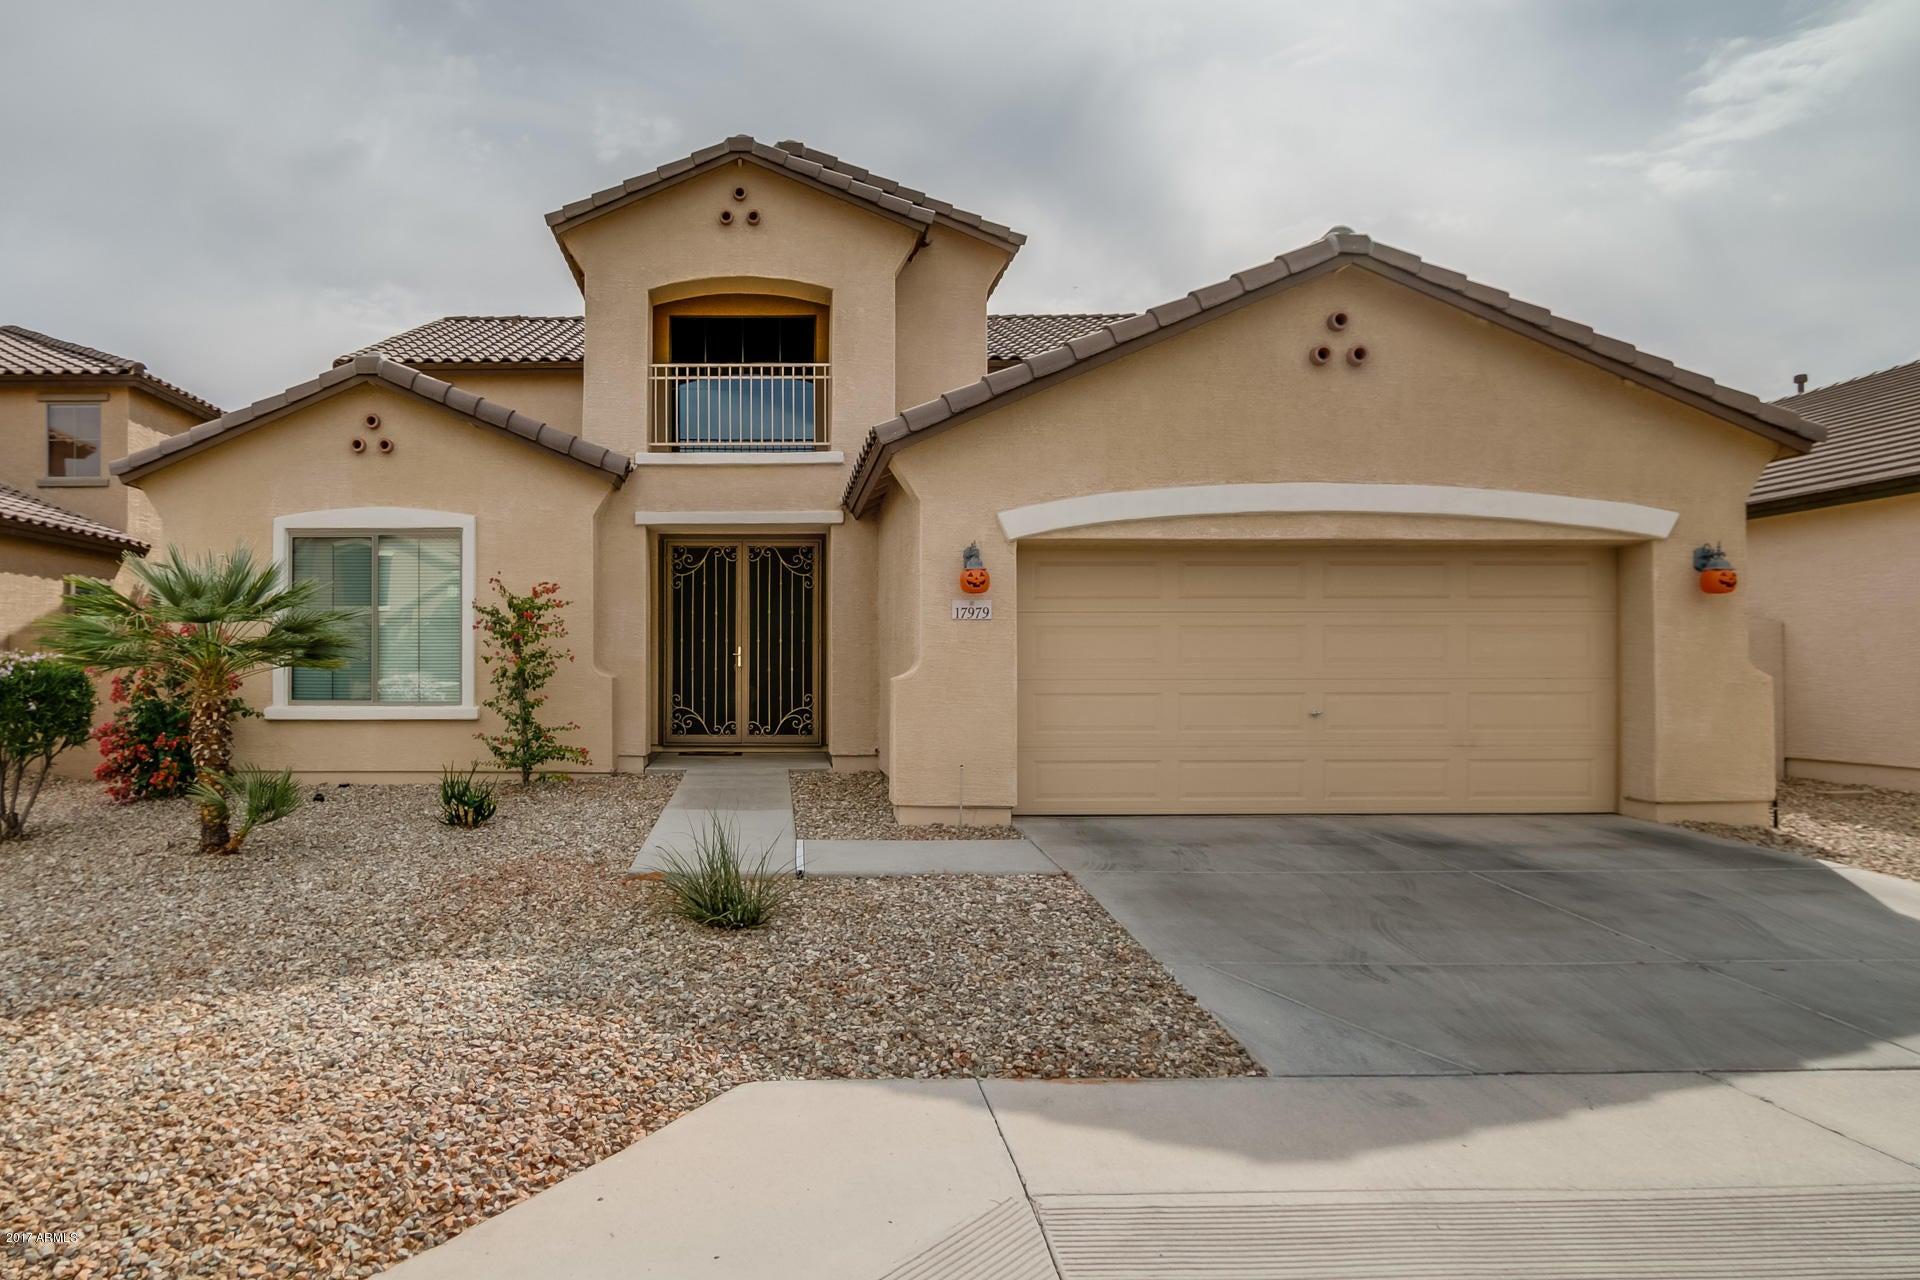 17979 W CARMEN Drive, Surprise, AZ 85388